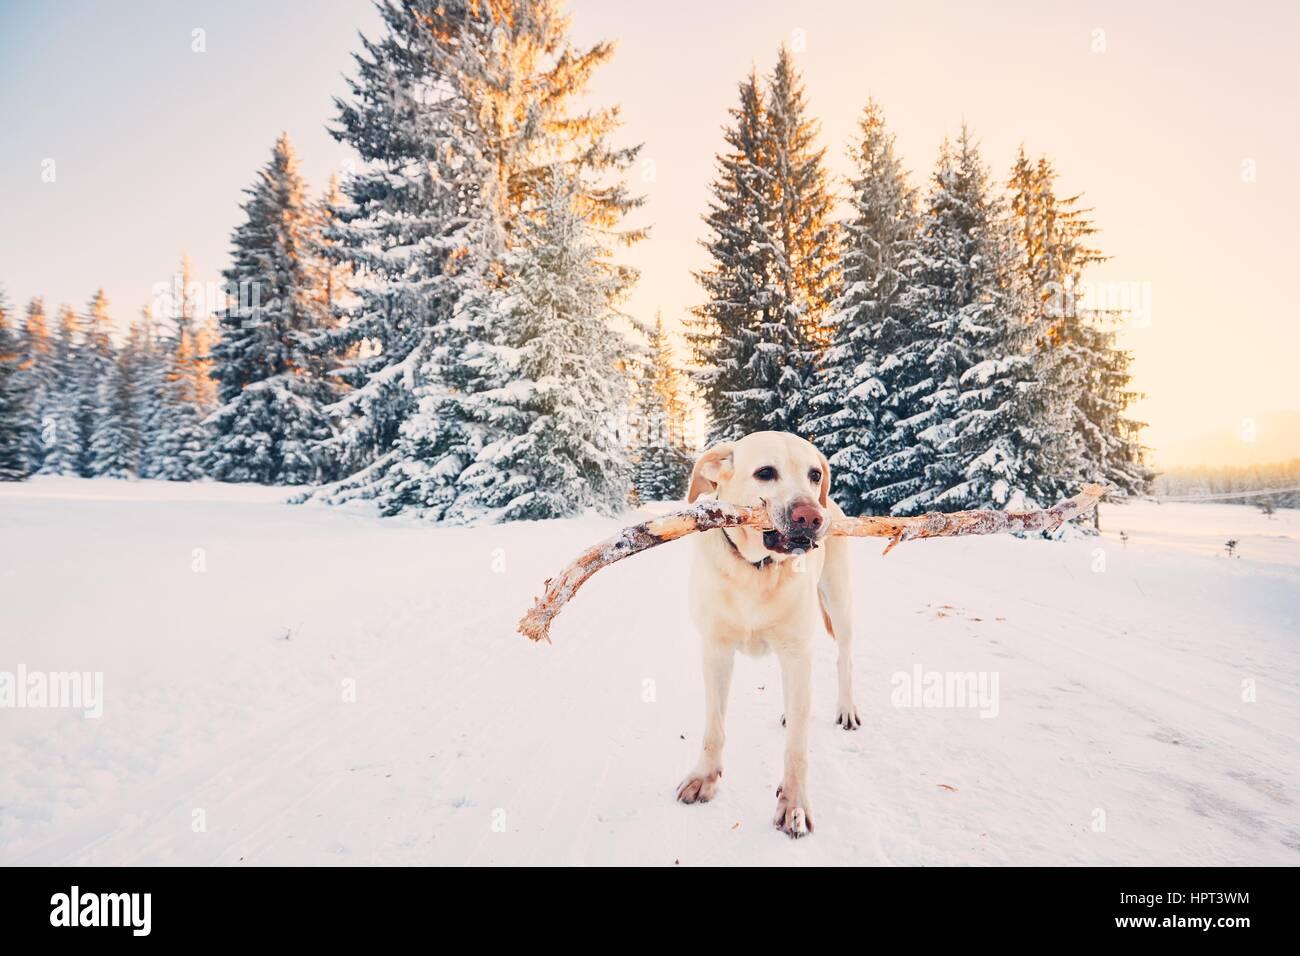 Perro en invierno la naturaleza. Labrador retriever amarillo está caminando con bastón en la boca durante Imagen De Stock